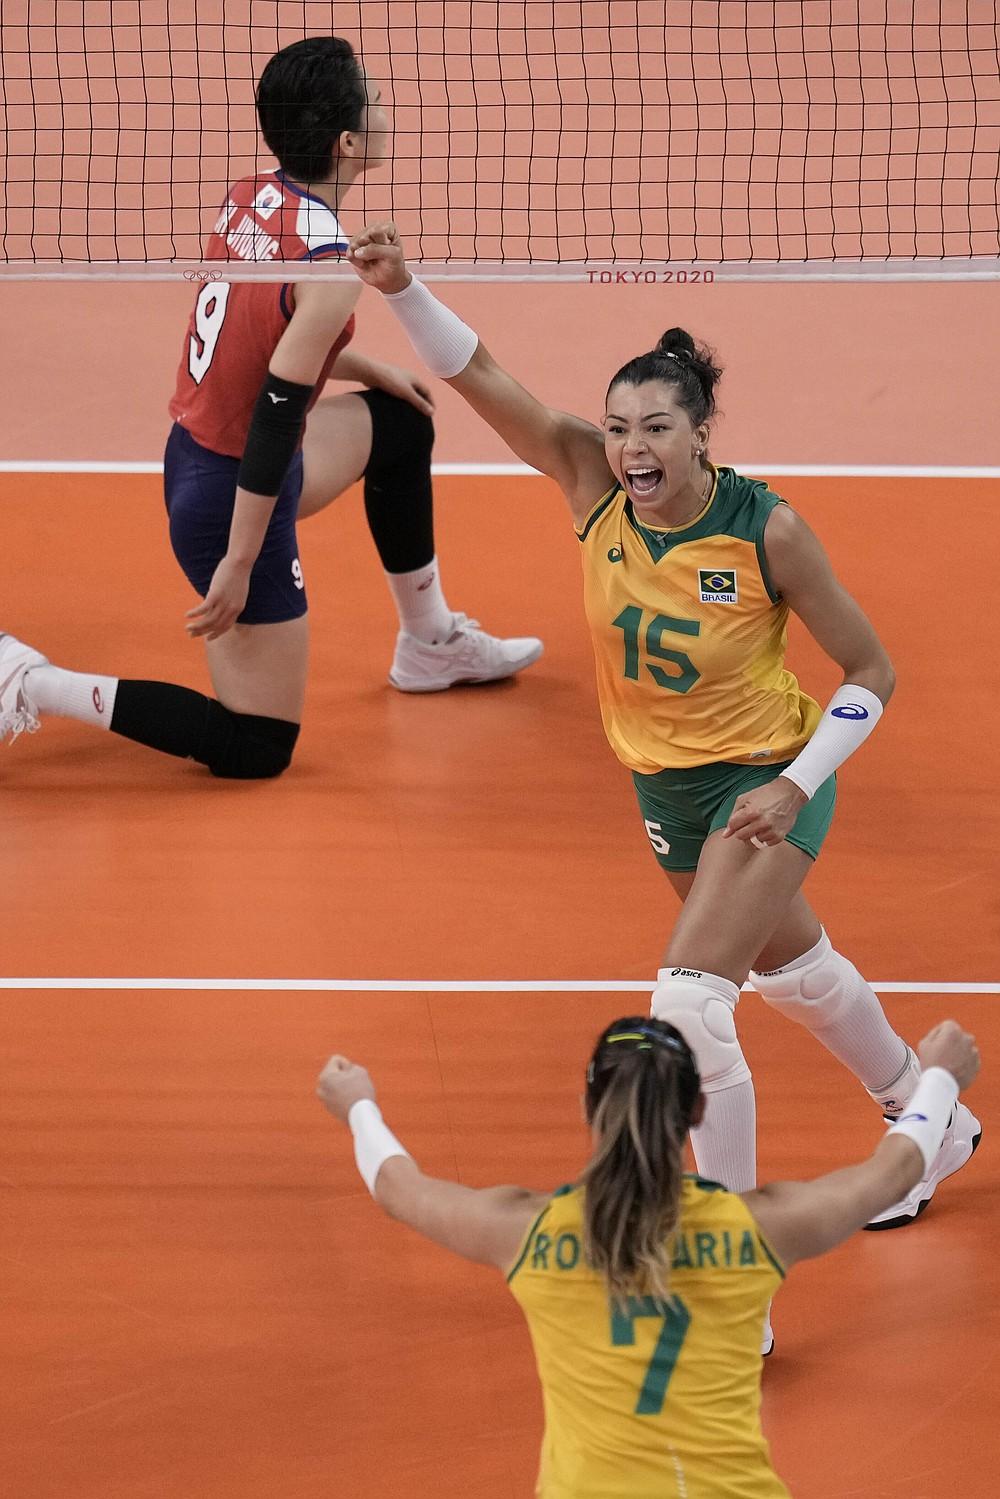 На Летњим олимпијским играма 2020. бразилске играчице прославиле су бодовну победу у полуфиналу одбојкашица између Бразила и Јужне Кореје у петак, 6. августа 2021. године у Токију у Јапану.  (АБ Пхото / Петитион Фернандес)